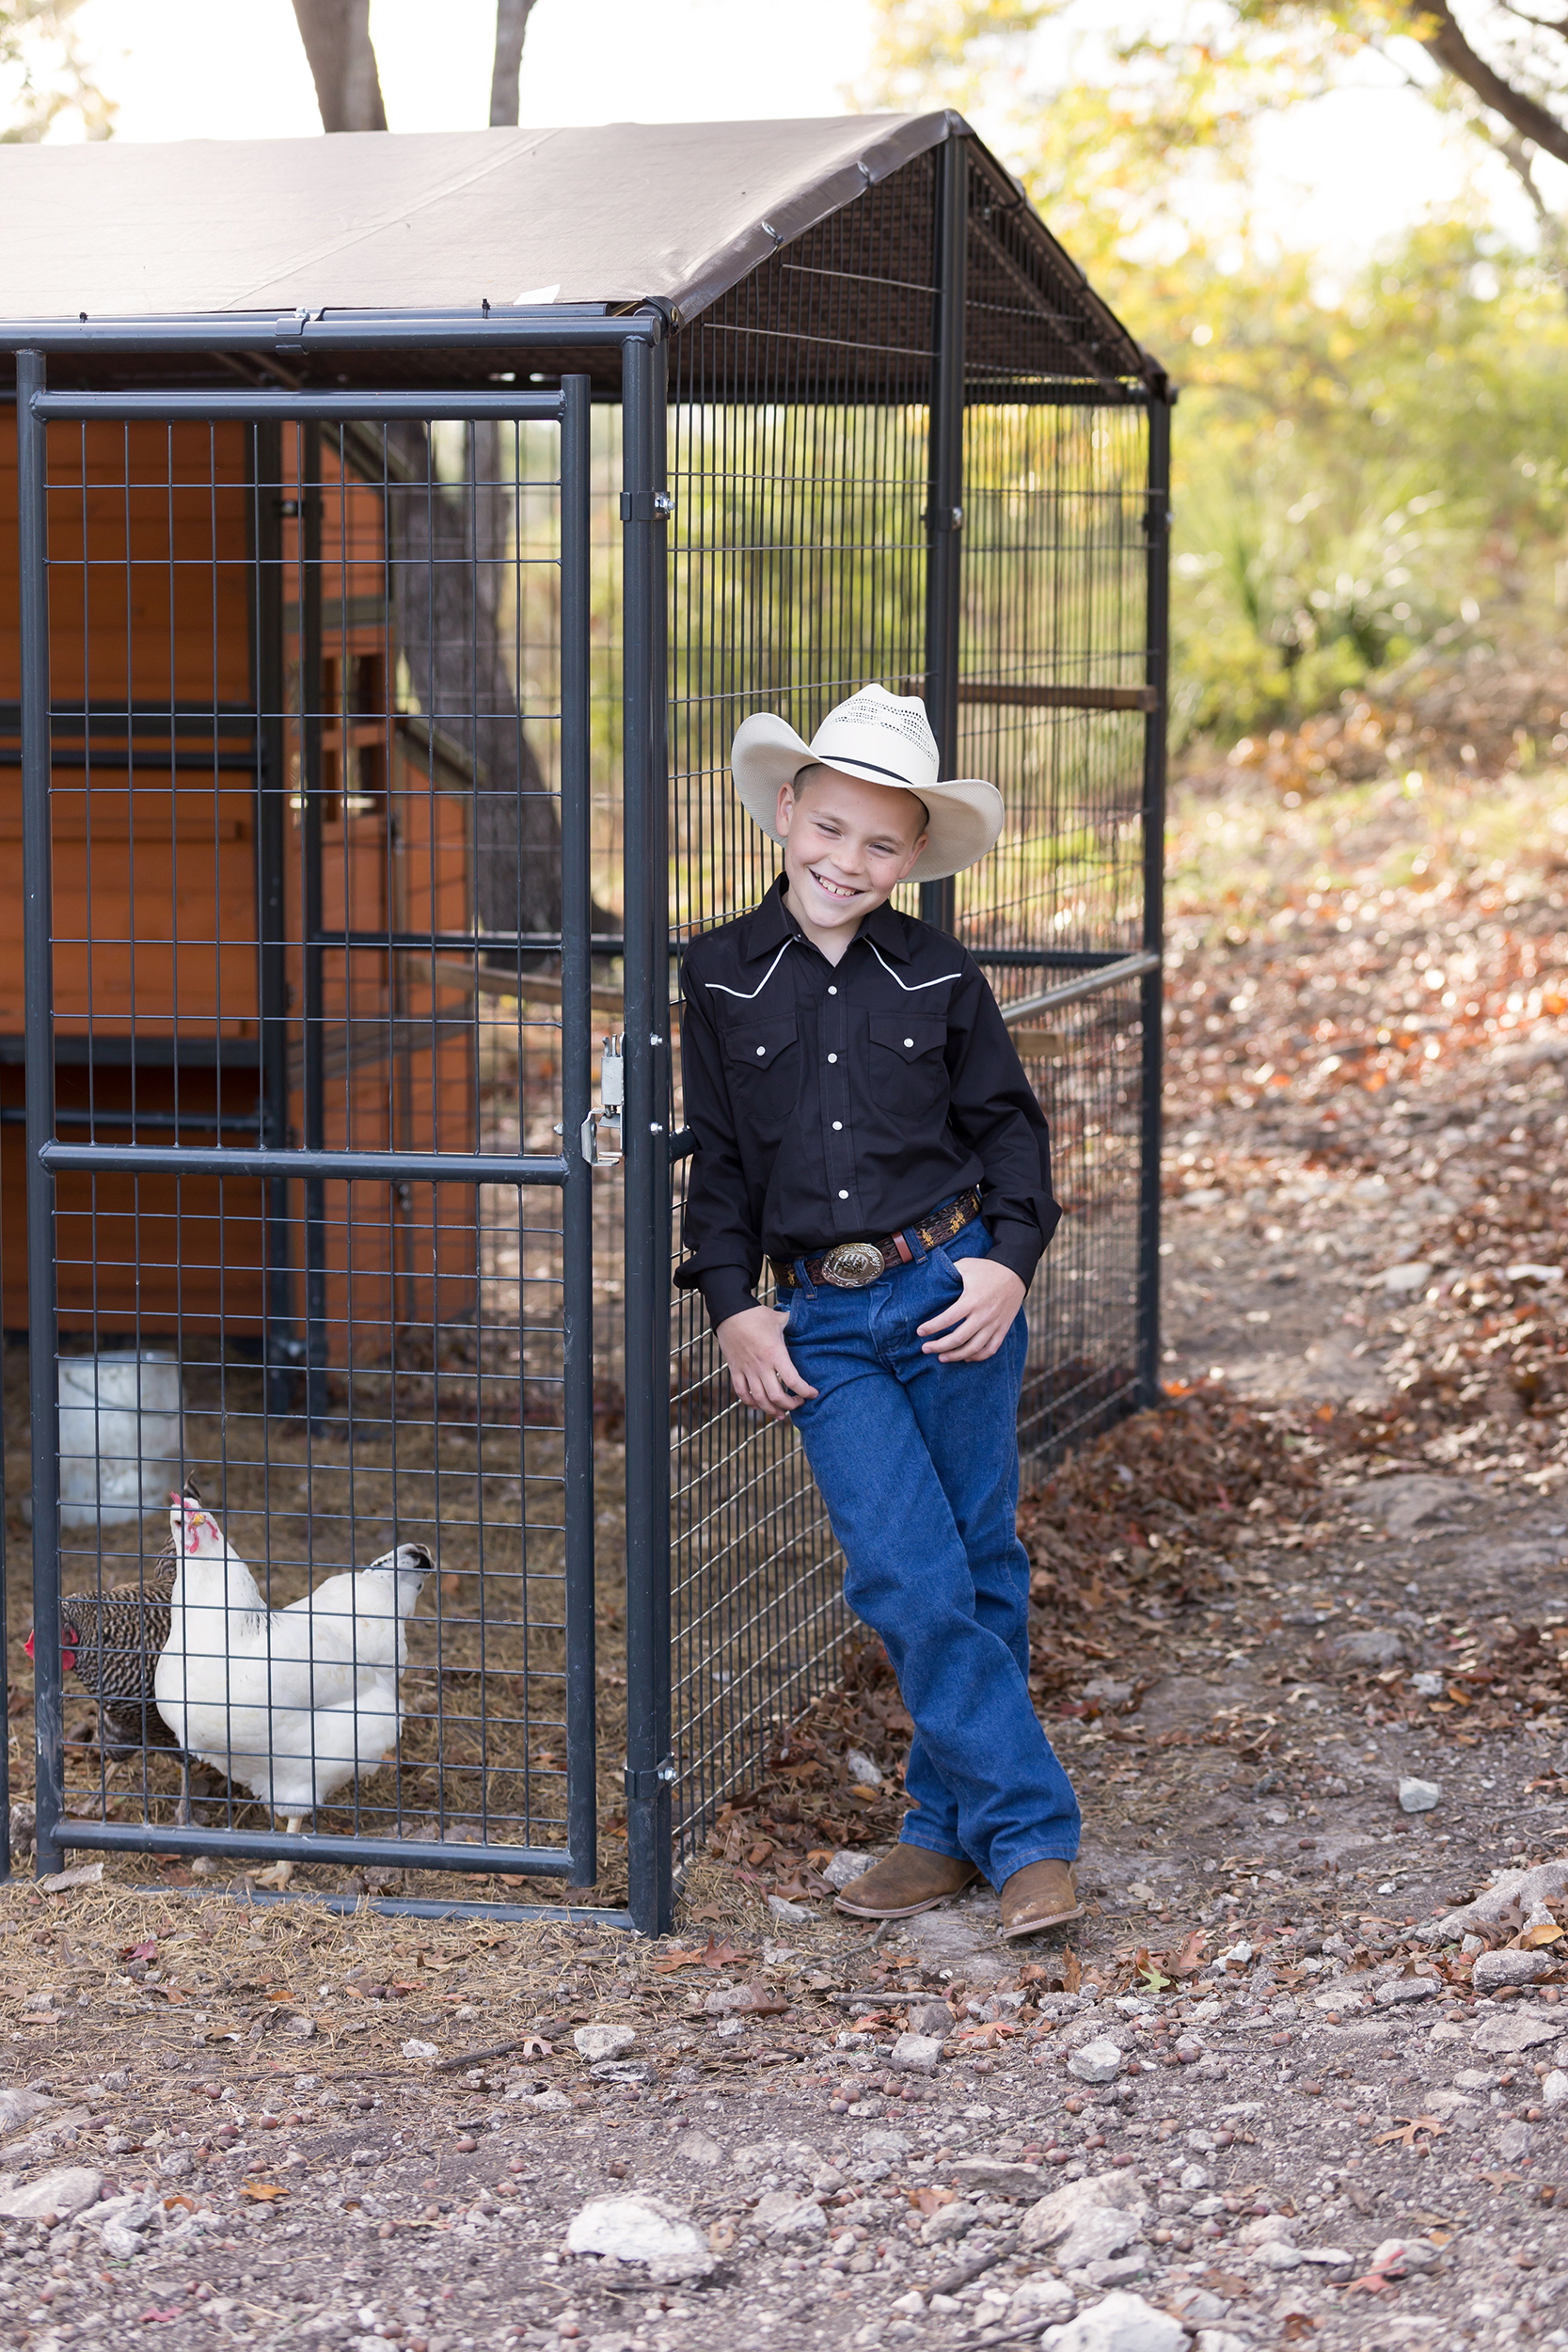 Boy-western-hat-leaning-chicken-coop.jpg